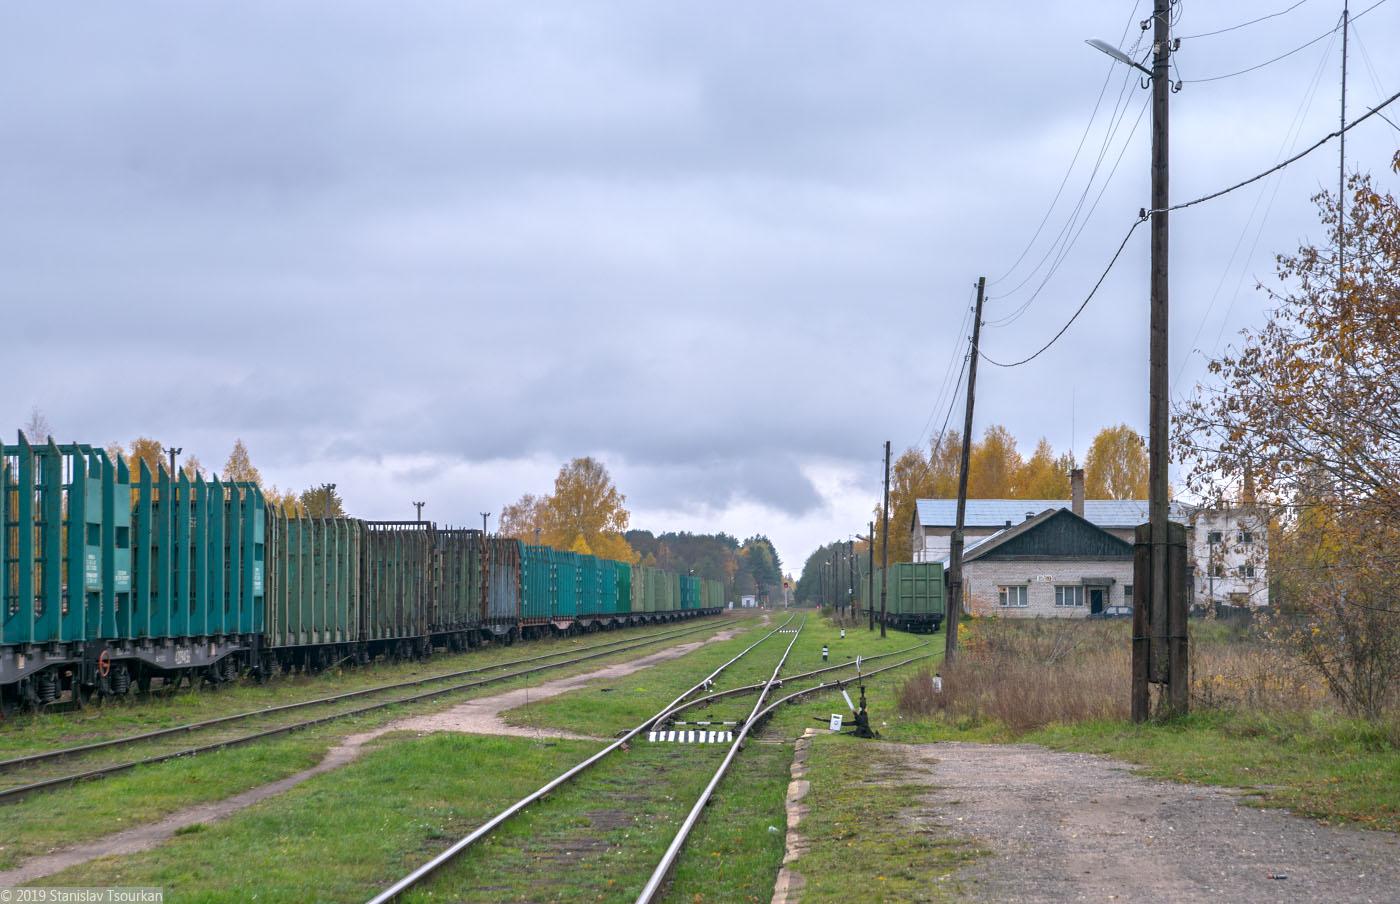 Весьегонск, Тверская область, ж/д, железная дорога, станция Весьегонск, платформа, пассажирская платформа